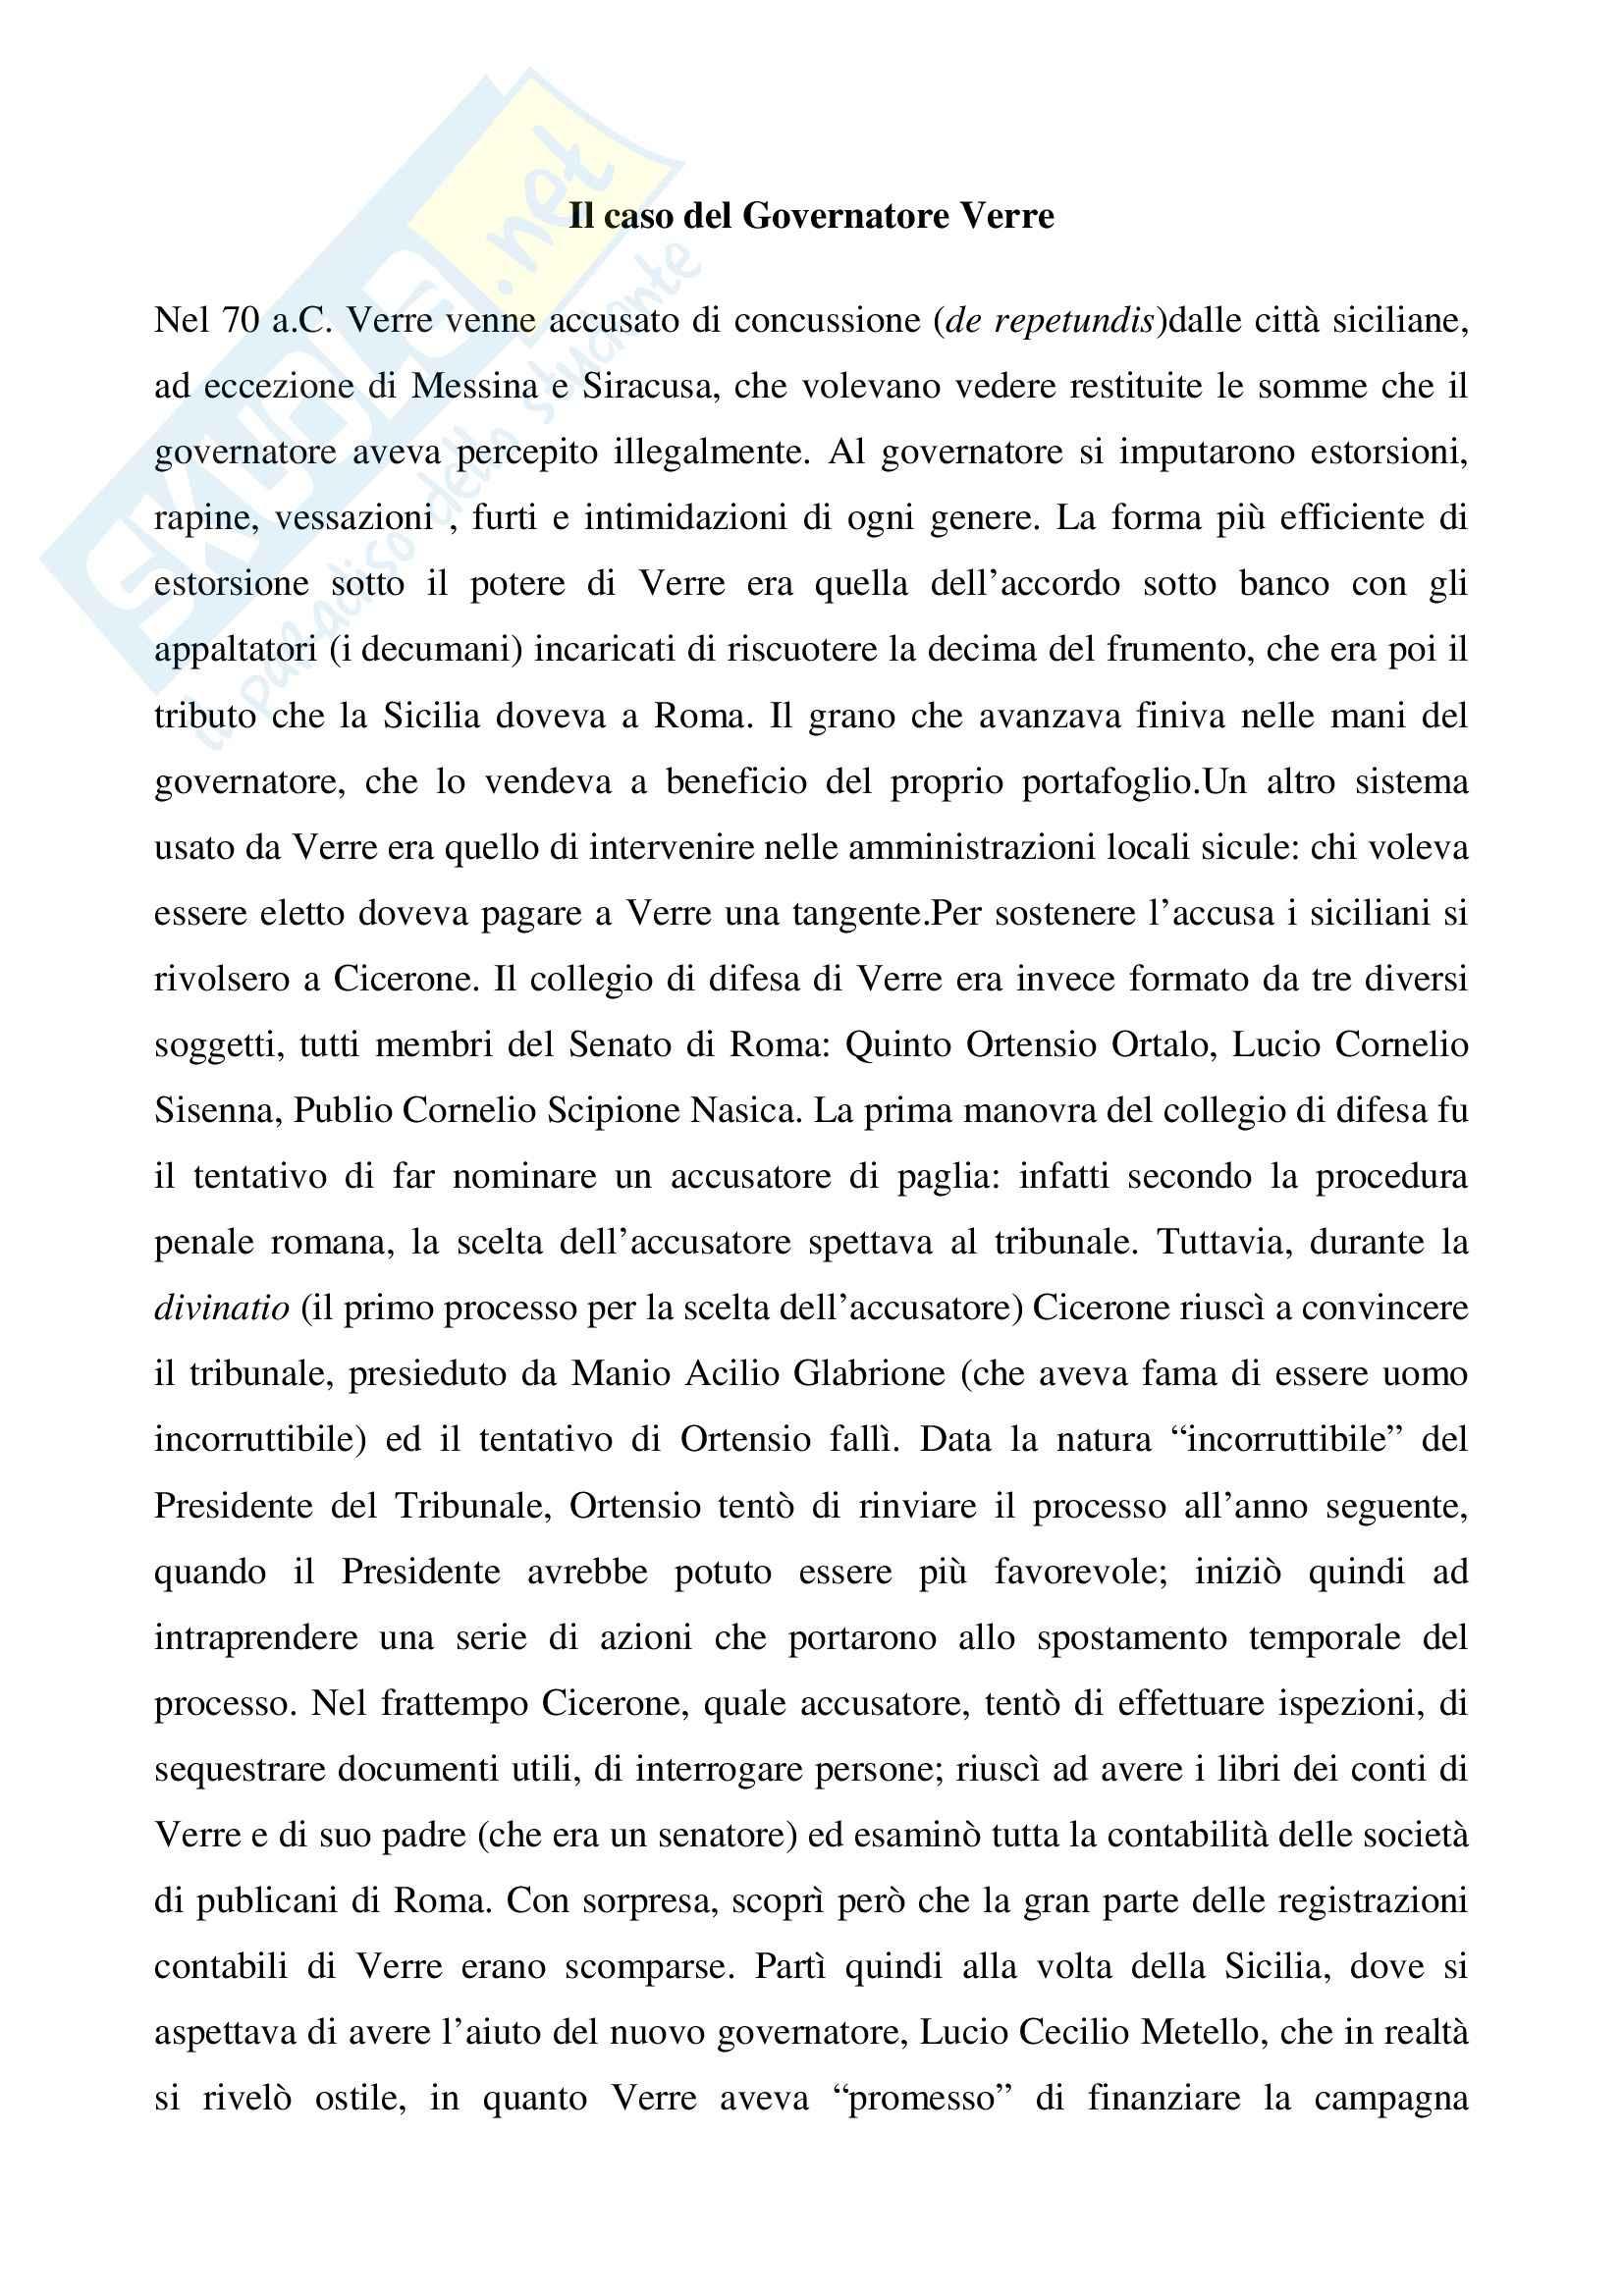 Processo a Verre, Storia romana